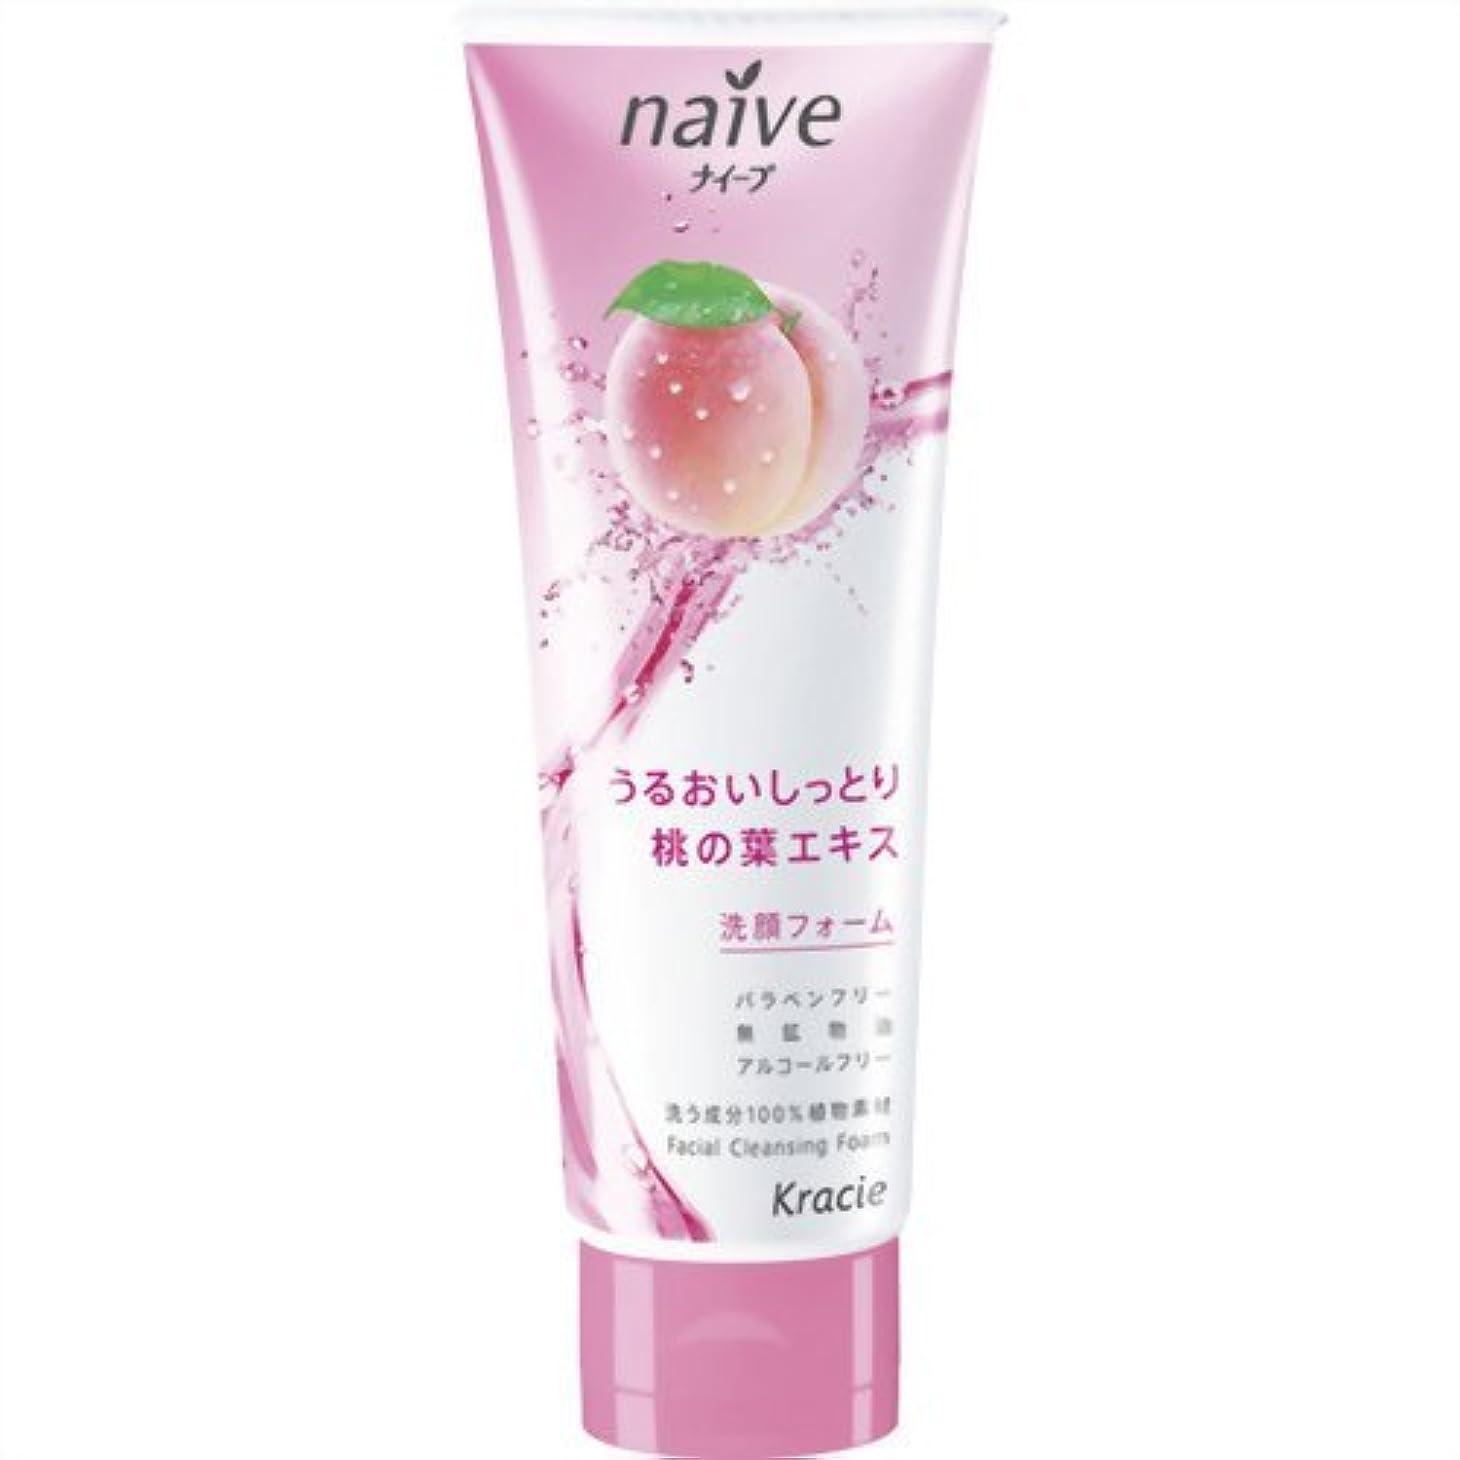 ホイットニードロップ痛いナイーブ 洗顔フォーム (桃の葉エキス配合) 110g